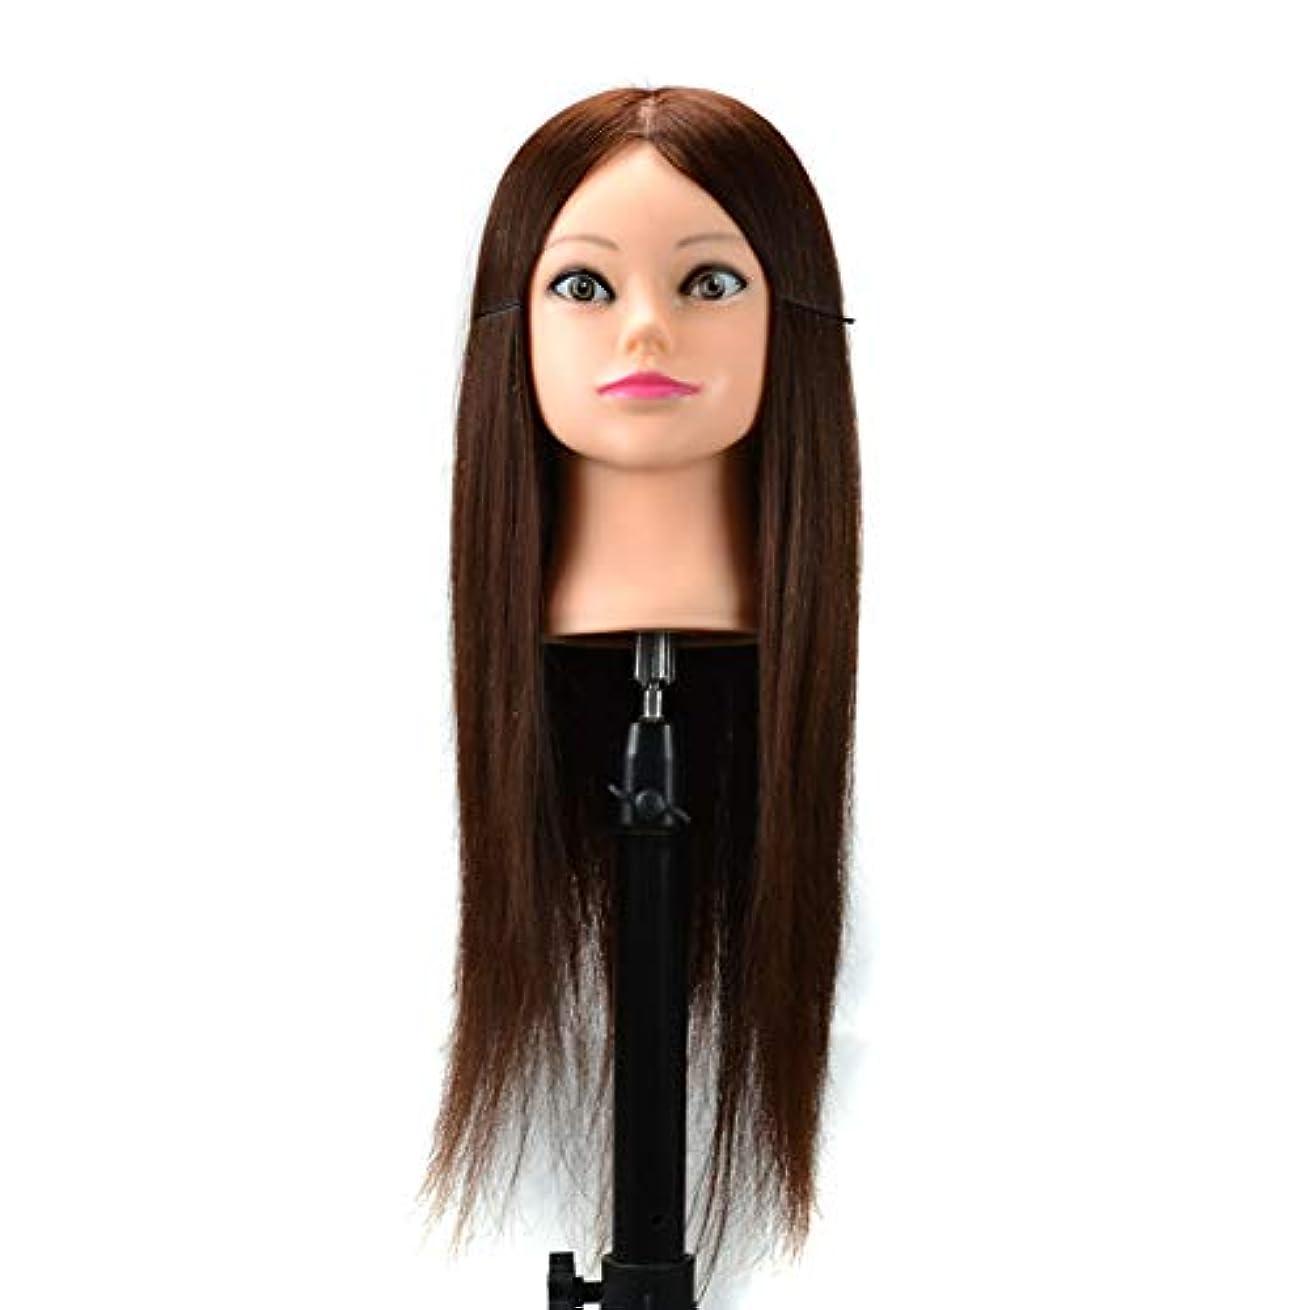 古くなった動作責人間の髪の毛のトレーニングヘッドにすることができますヘアカール練習ヘッド型スタイリング編組ダミーヘッドディスクヘアメイクウィッグマネキンヘッド